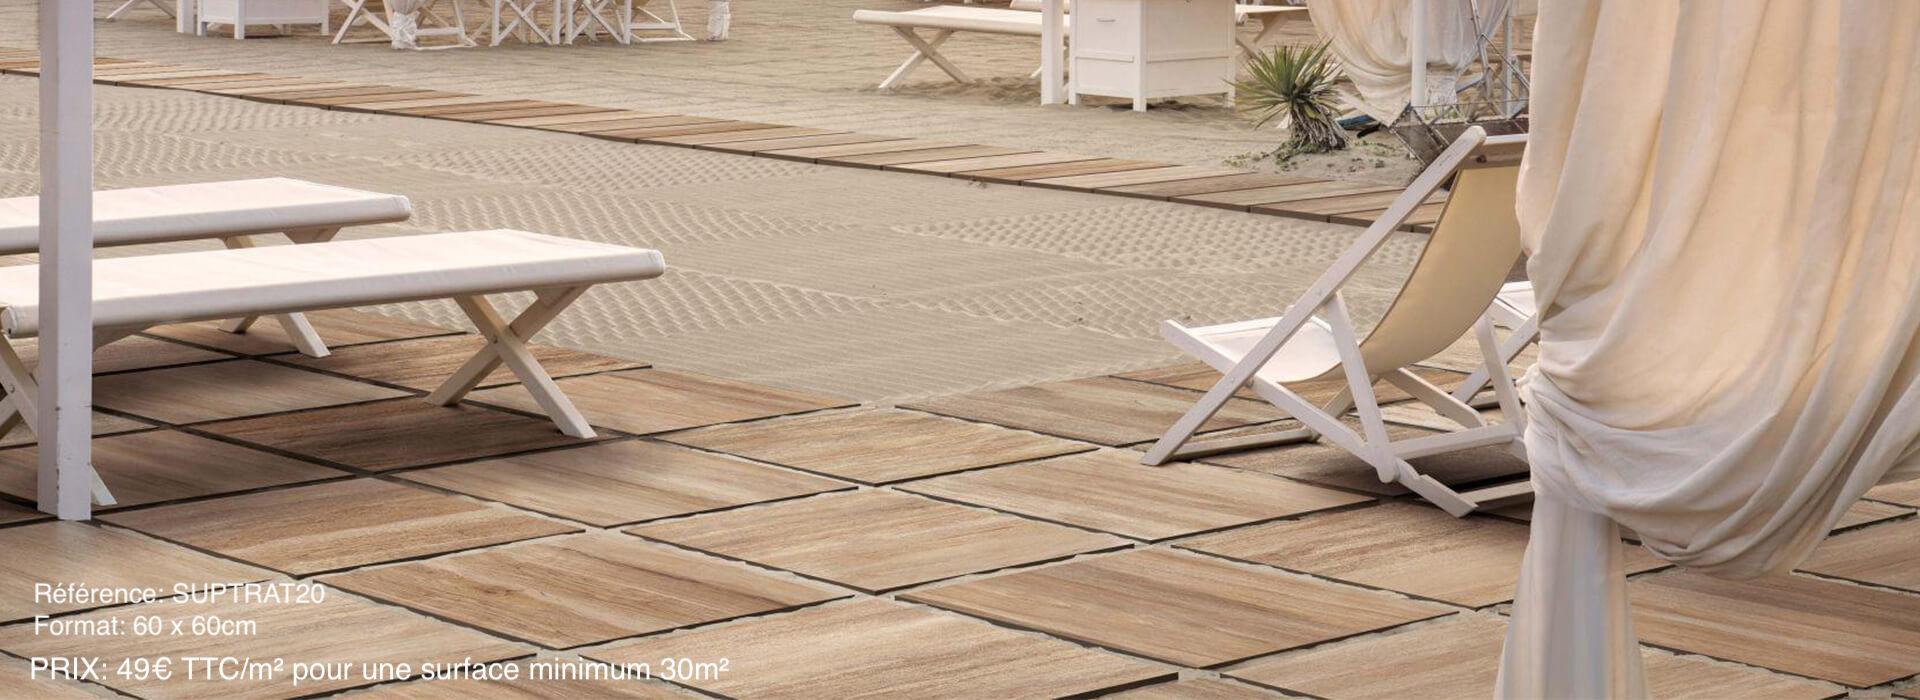 Carreaux de bois Carrelage Sol Carrelage Carreaux Terrasse